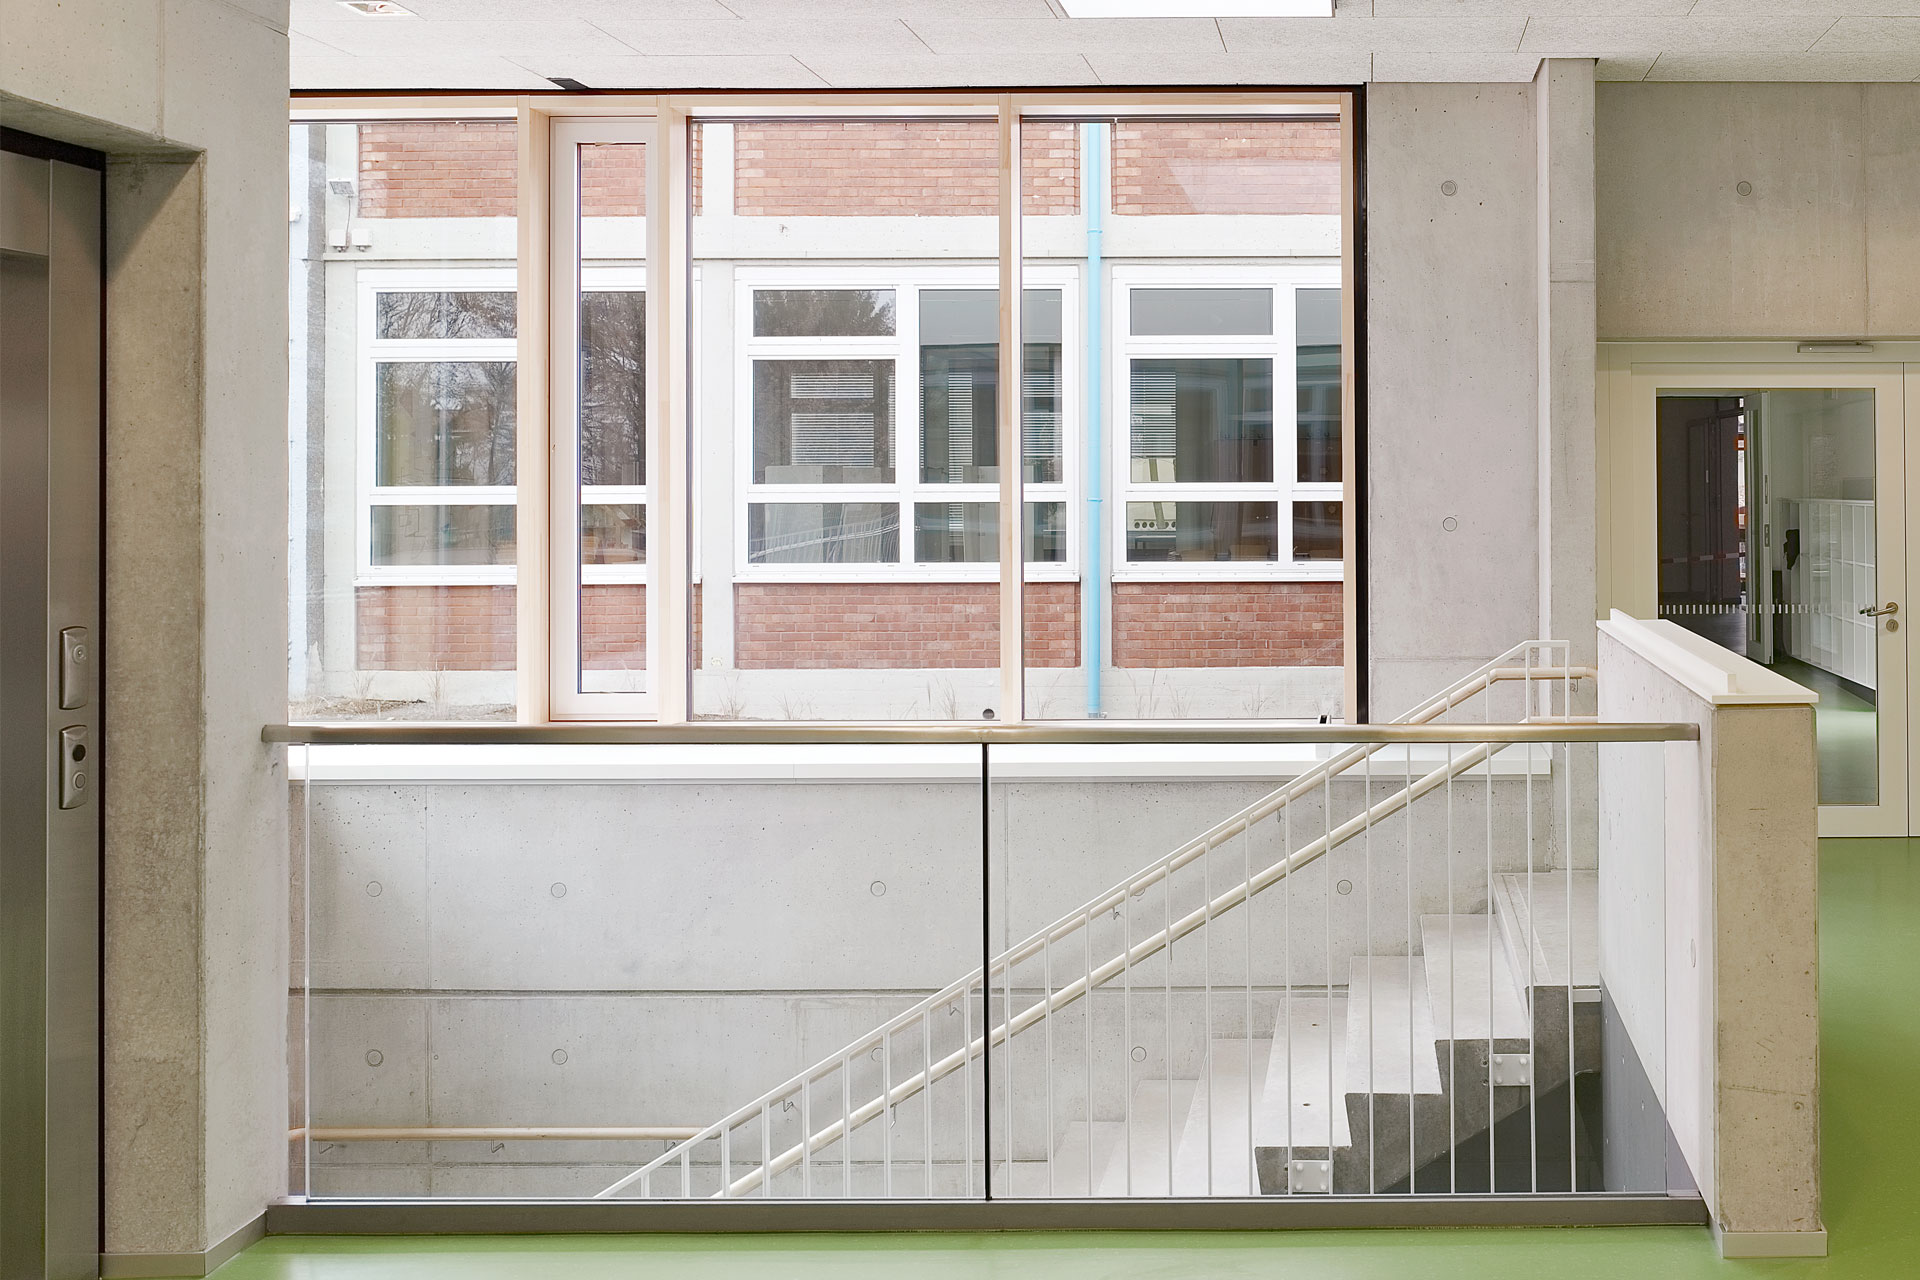 Architekt, Schülermensa, Treppe Eingangsbereiche